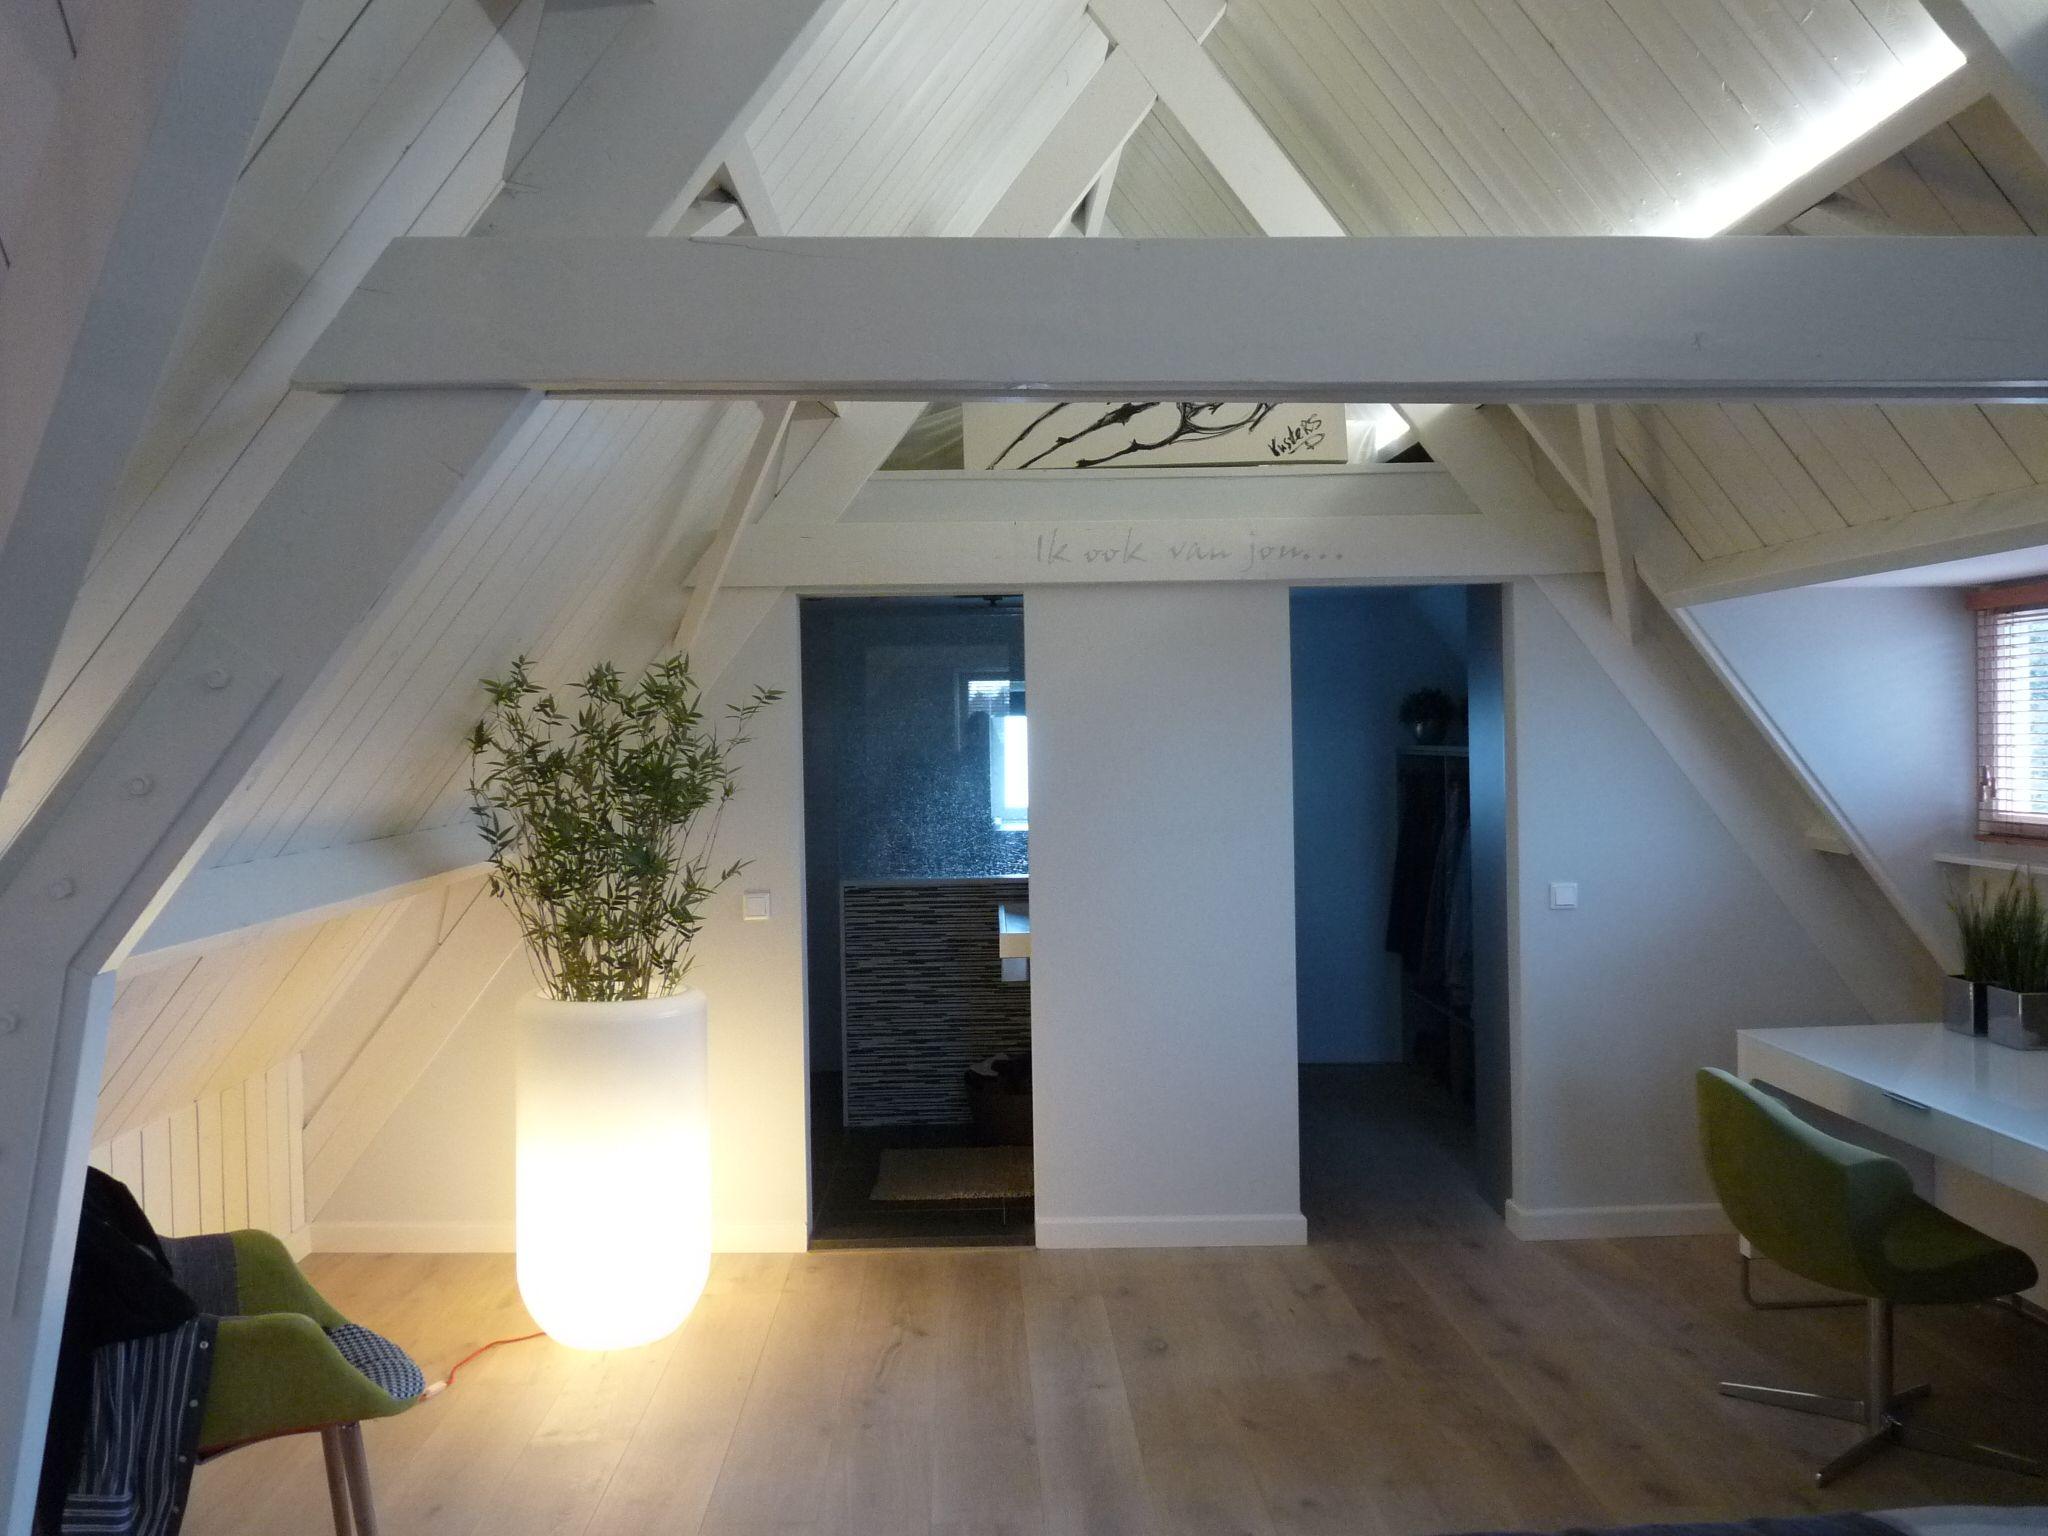 Verlichting zolder attic pinterest attic attic loft en bedroom